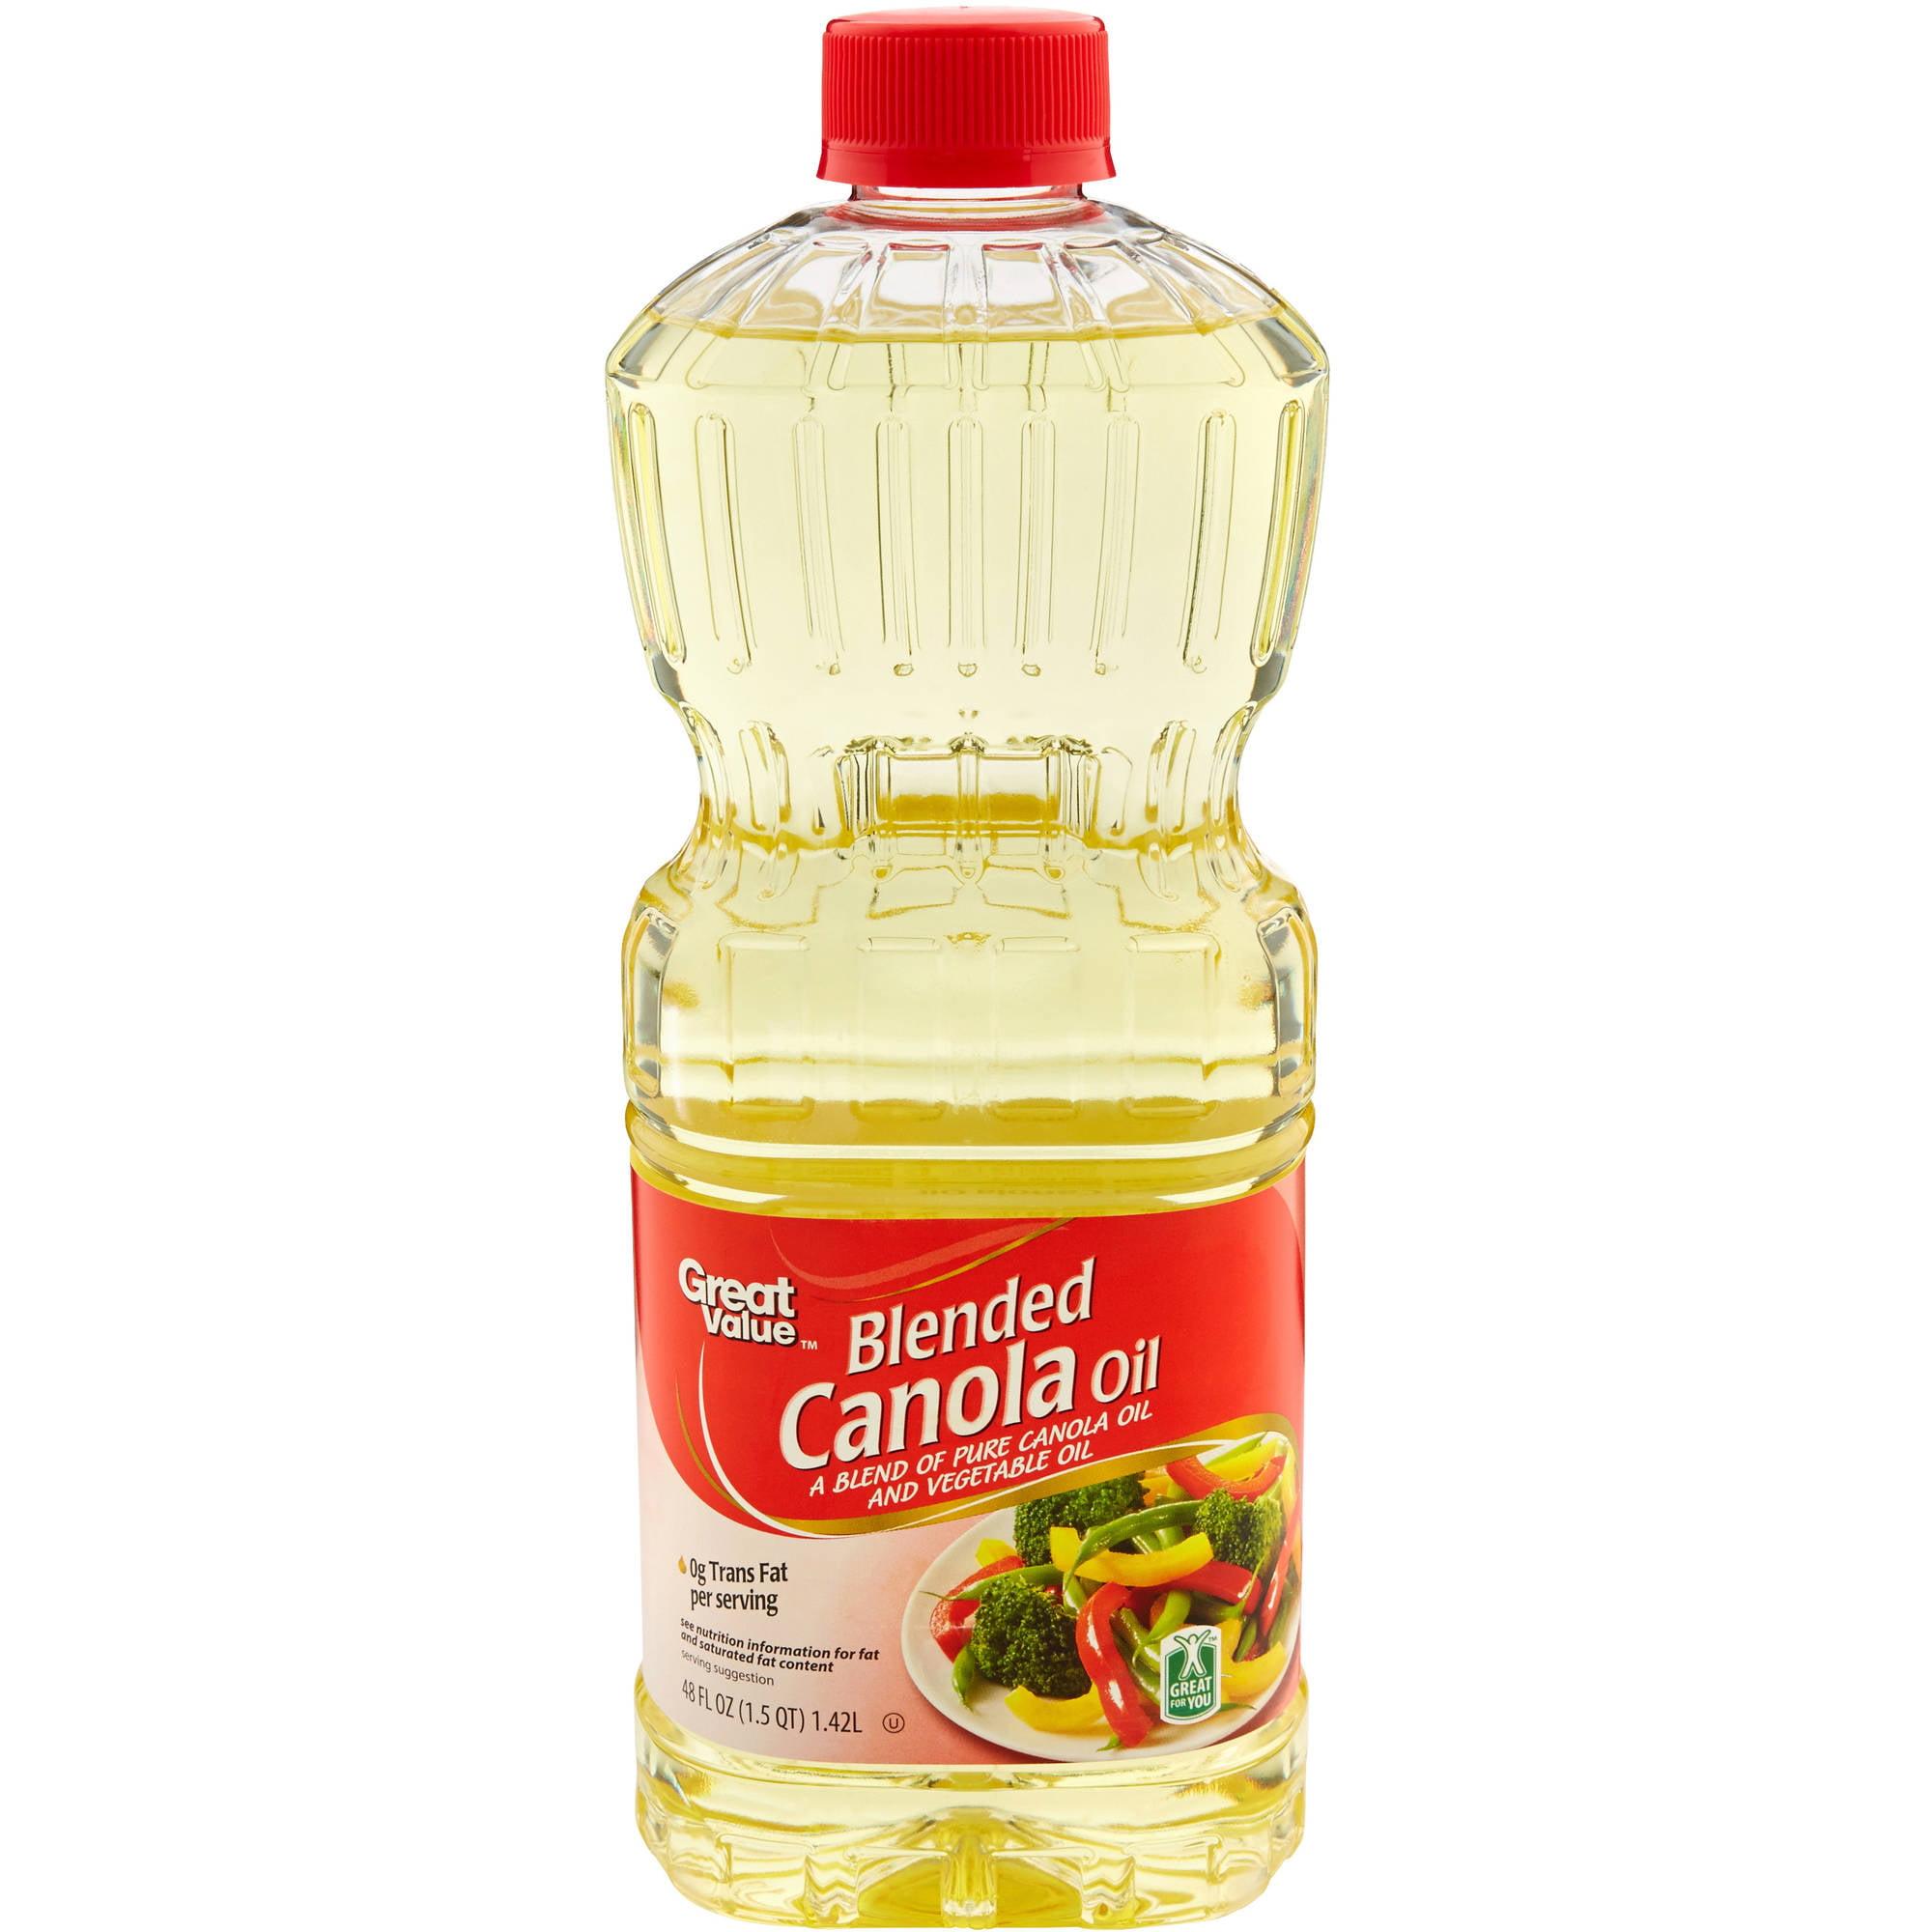 Great Value: Blended Canola Oil, 48 oz